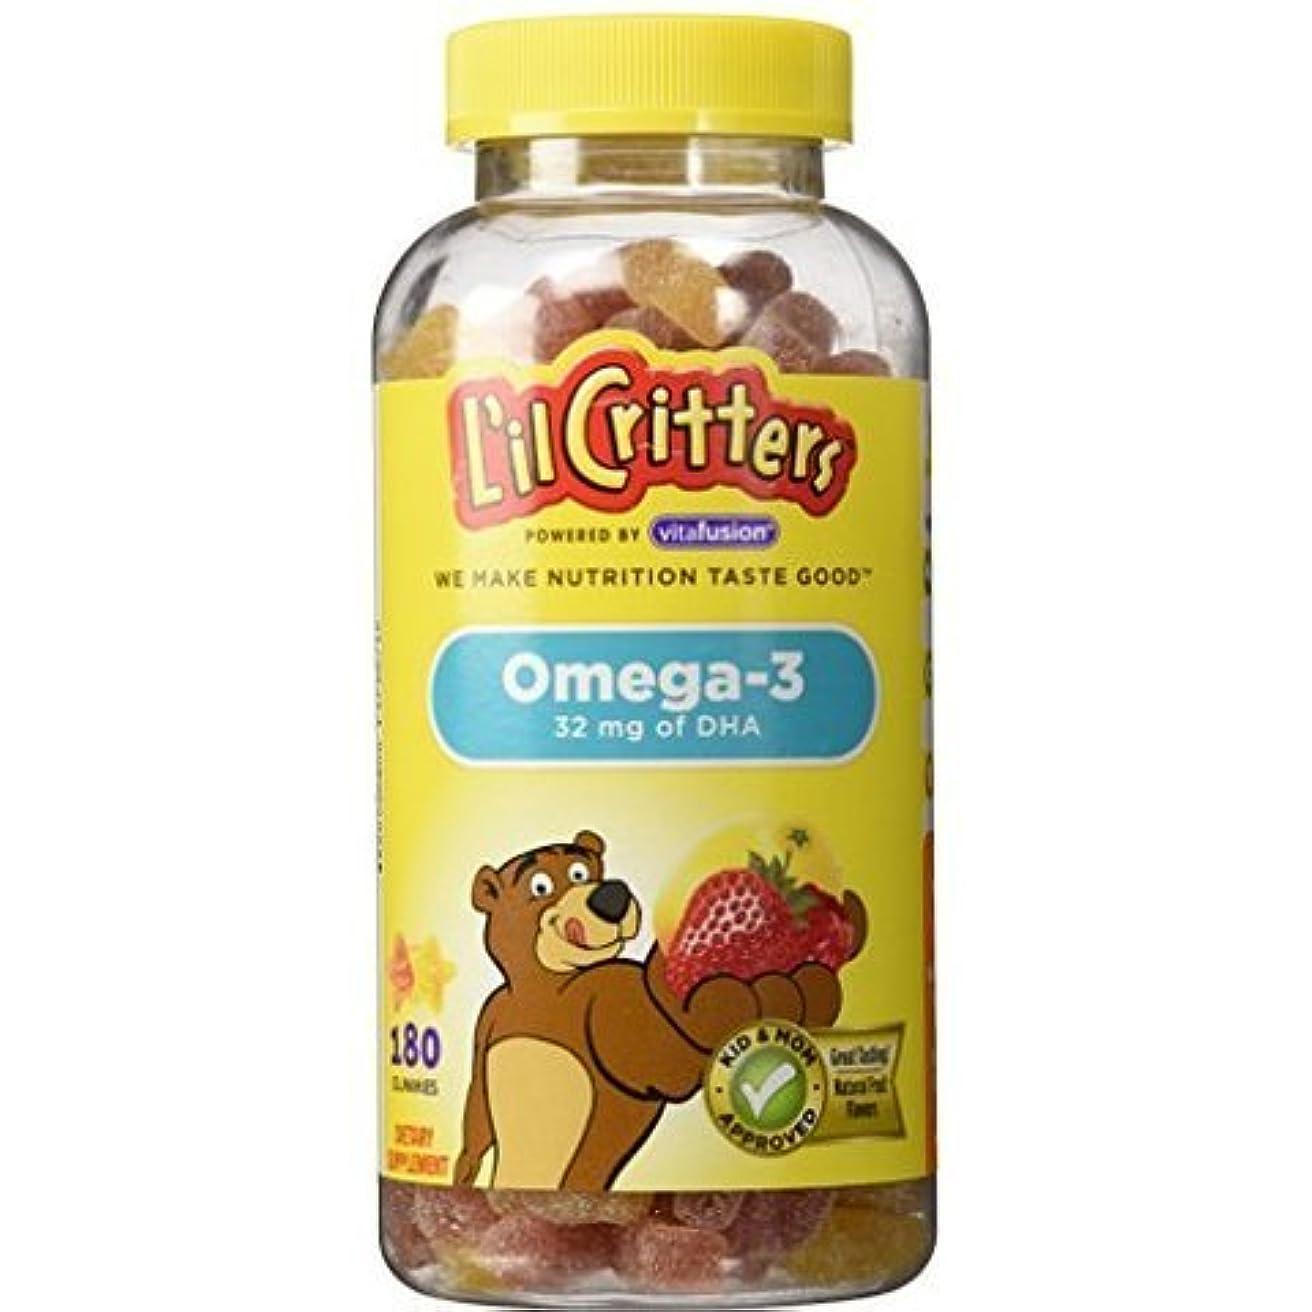 溶けた秘密の一流L'il Critters クルクリターズ 子供用ビタミングミ オメガ3 DHA 180粒 [並行輸入品]